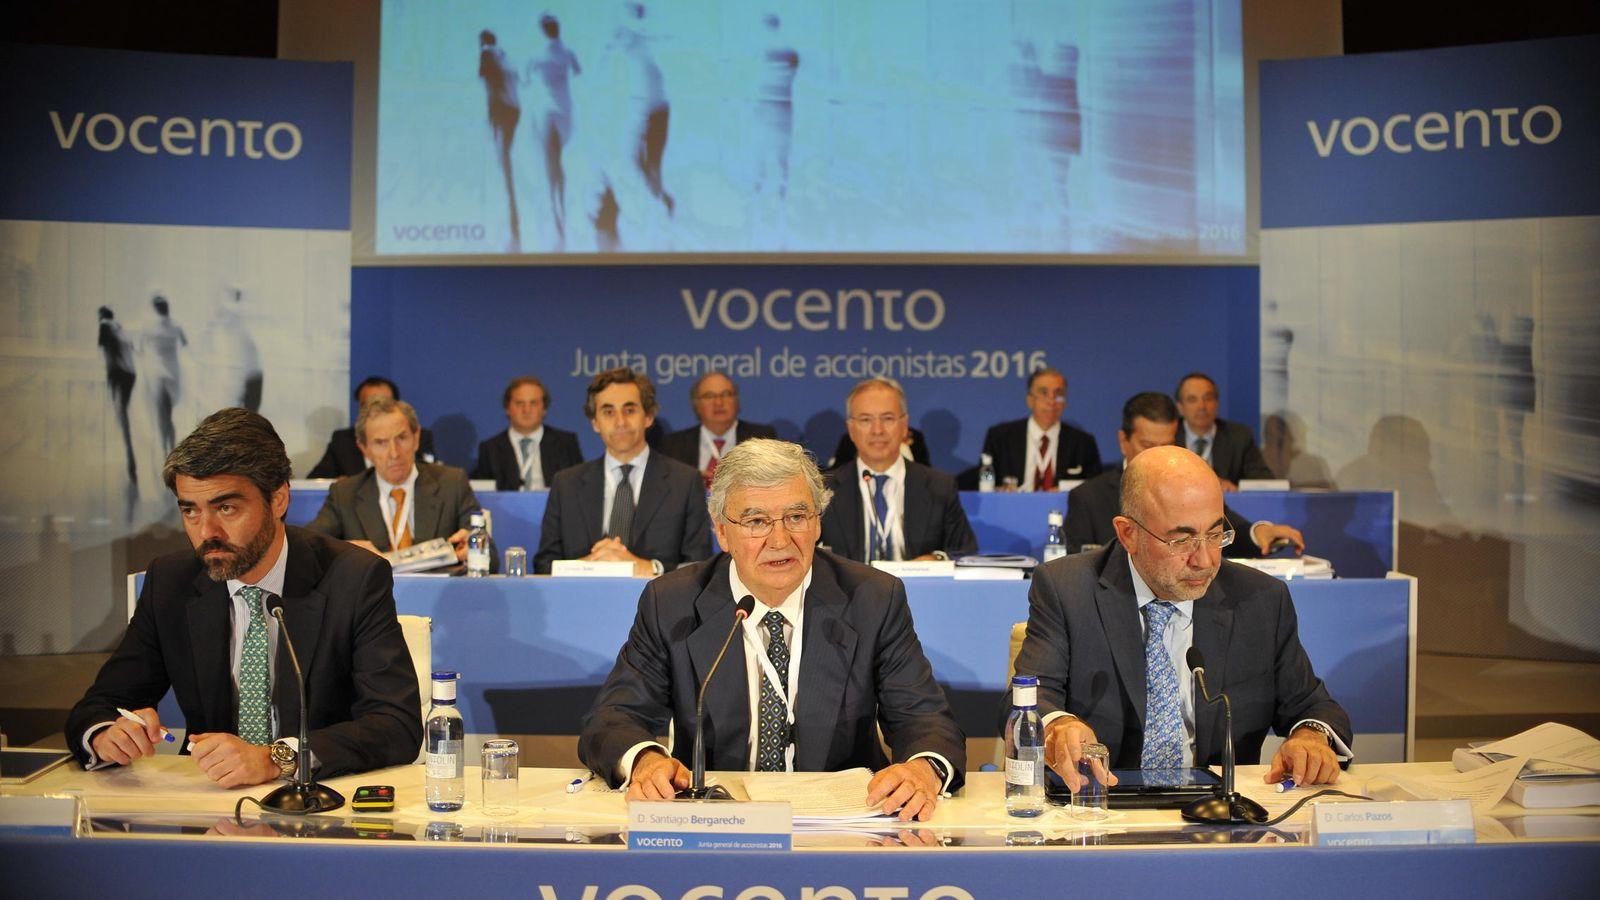 Foto: Luis Enríquez y Santiago Bergareche, en la junta de accionistas 2015. (Ignacio Pérez)